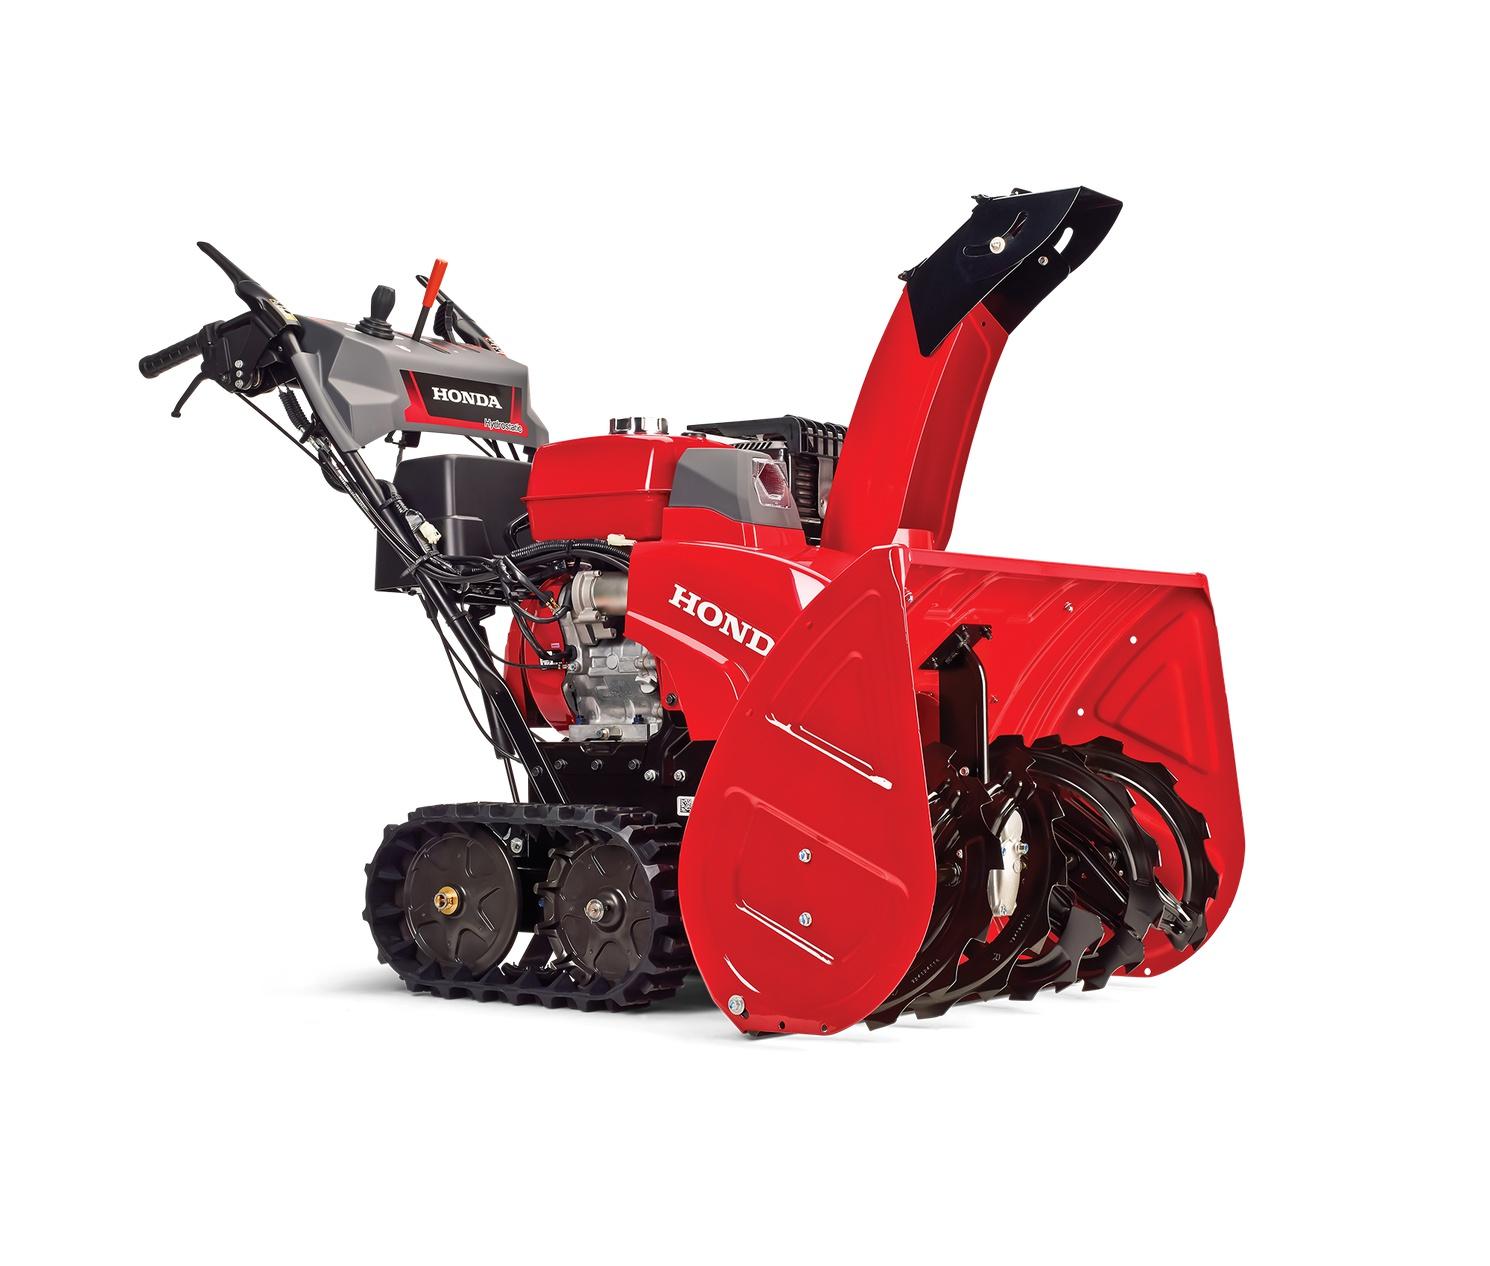 Honda hss1332ctd 2021